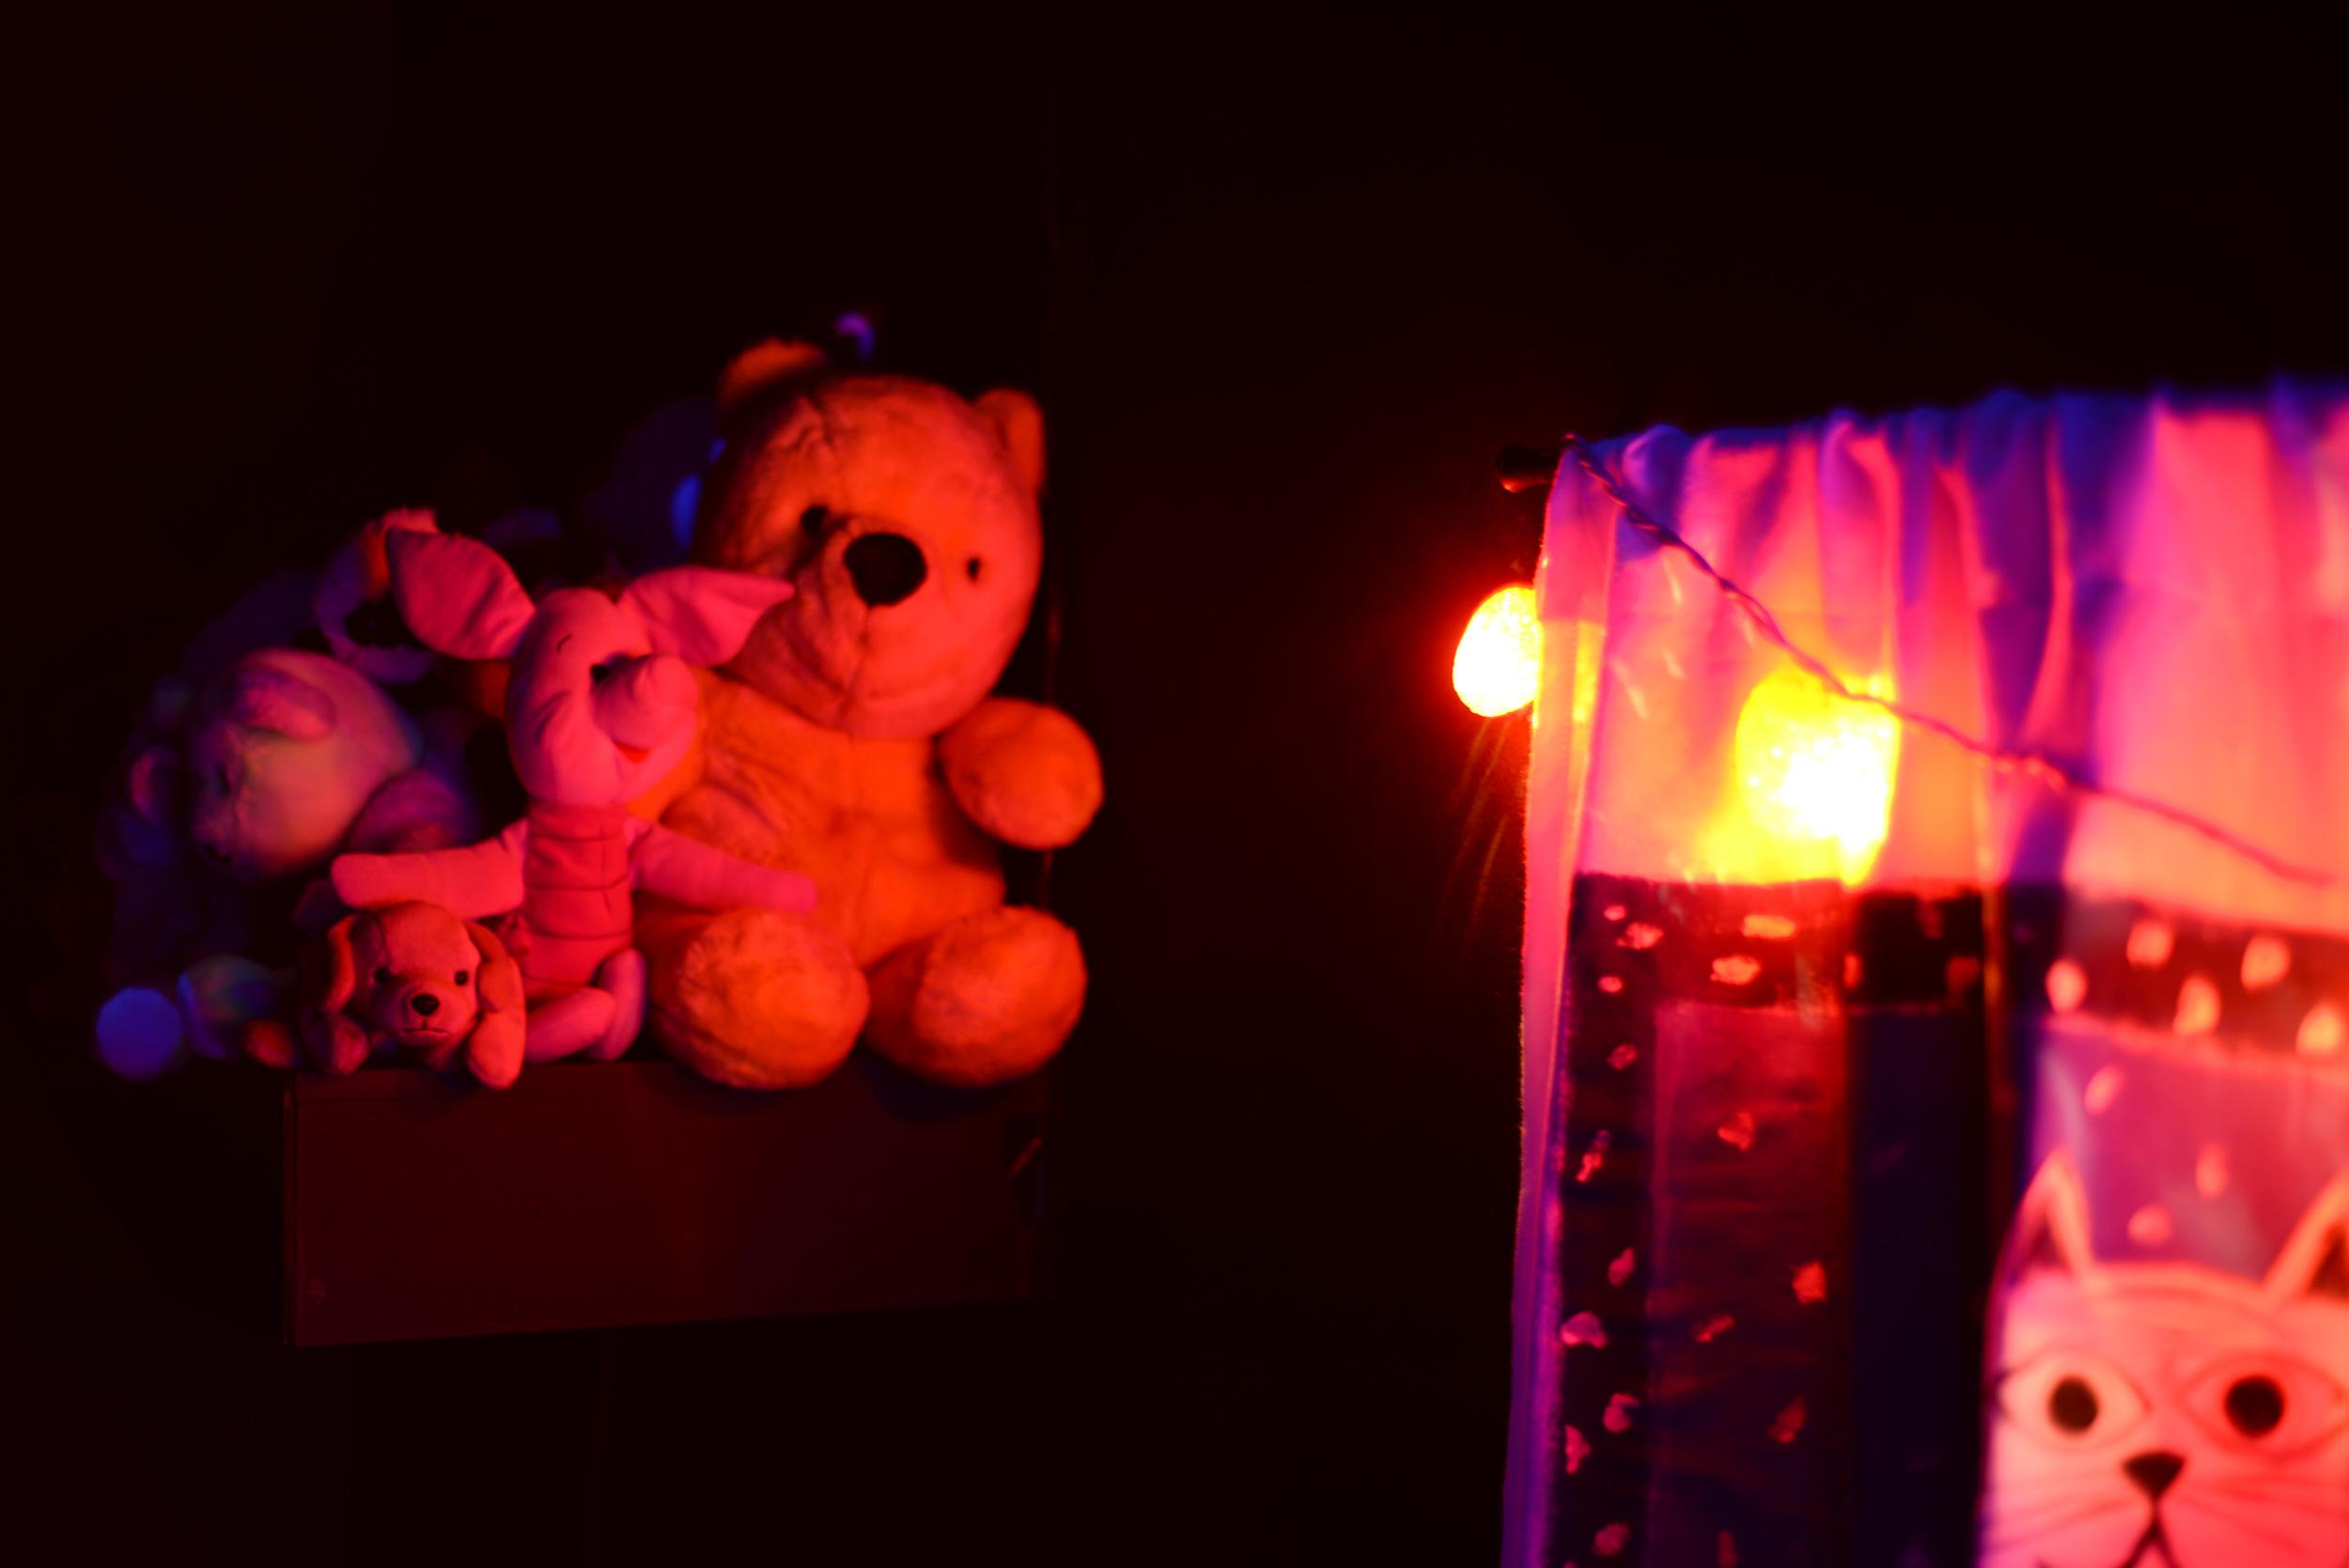 Dark-Rooms-Toy-Shelf-2.jpg